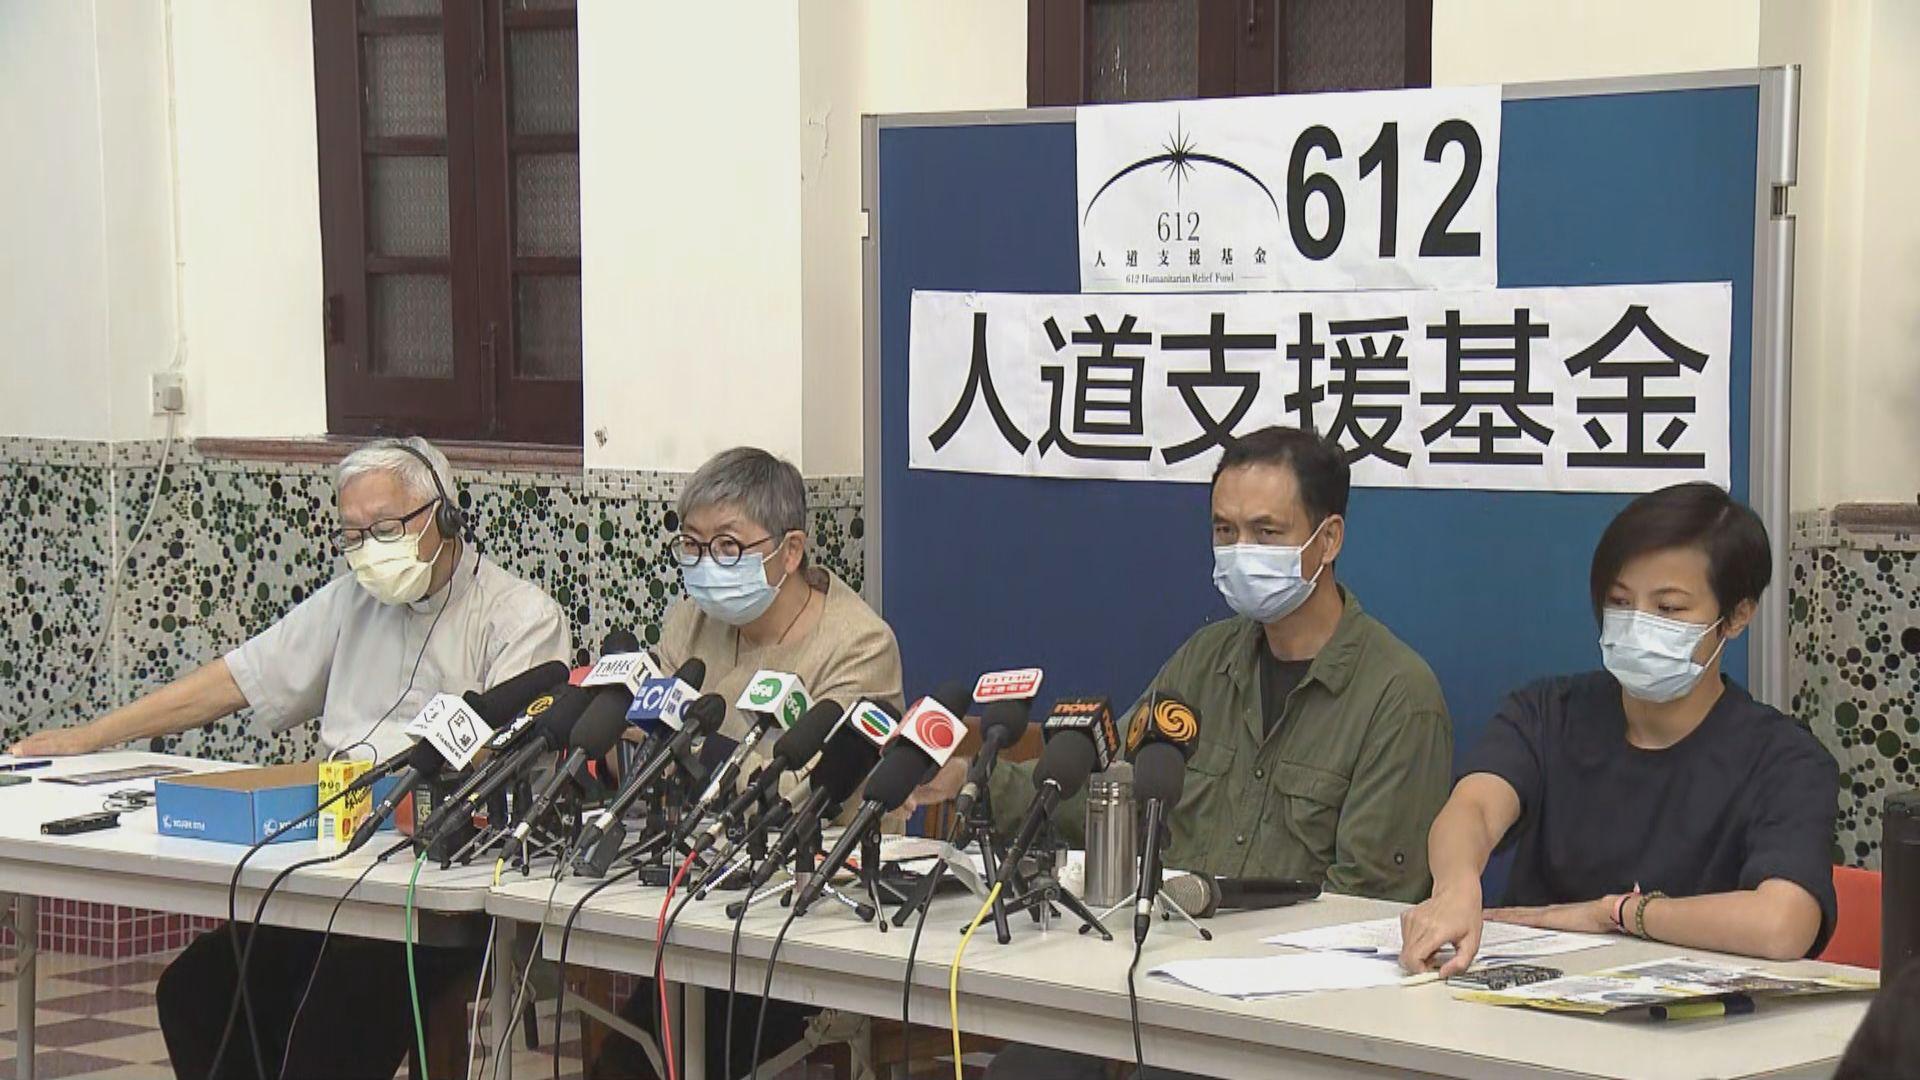 612人道支援基金9月28日停止運作 10月正式解散